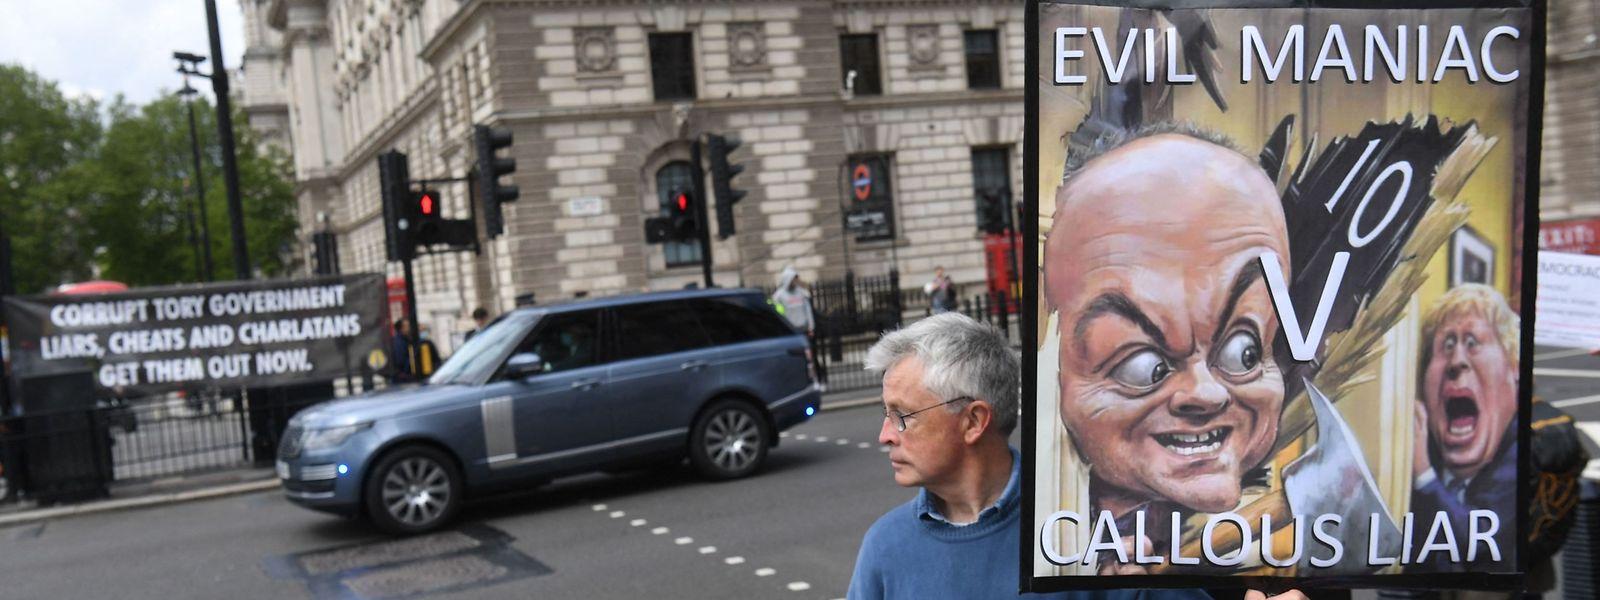 Ein Demonstrant mit einem Plakat, das den Machtkampf zwischen Dominic Cummings und Boris Johnson illustriert.